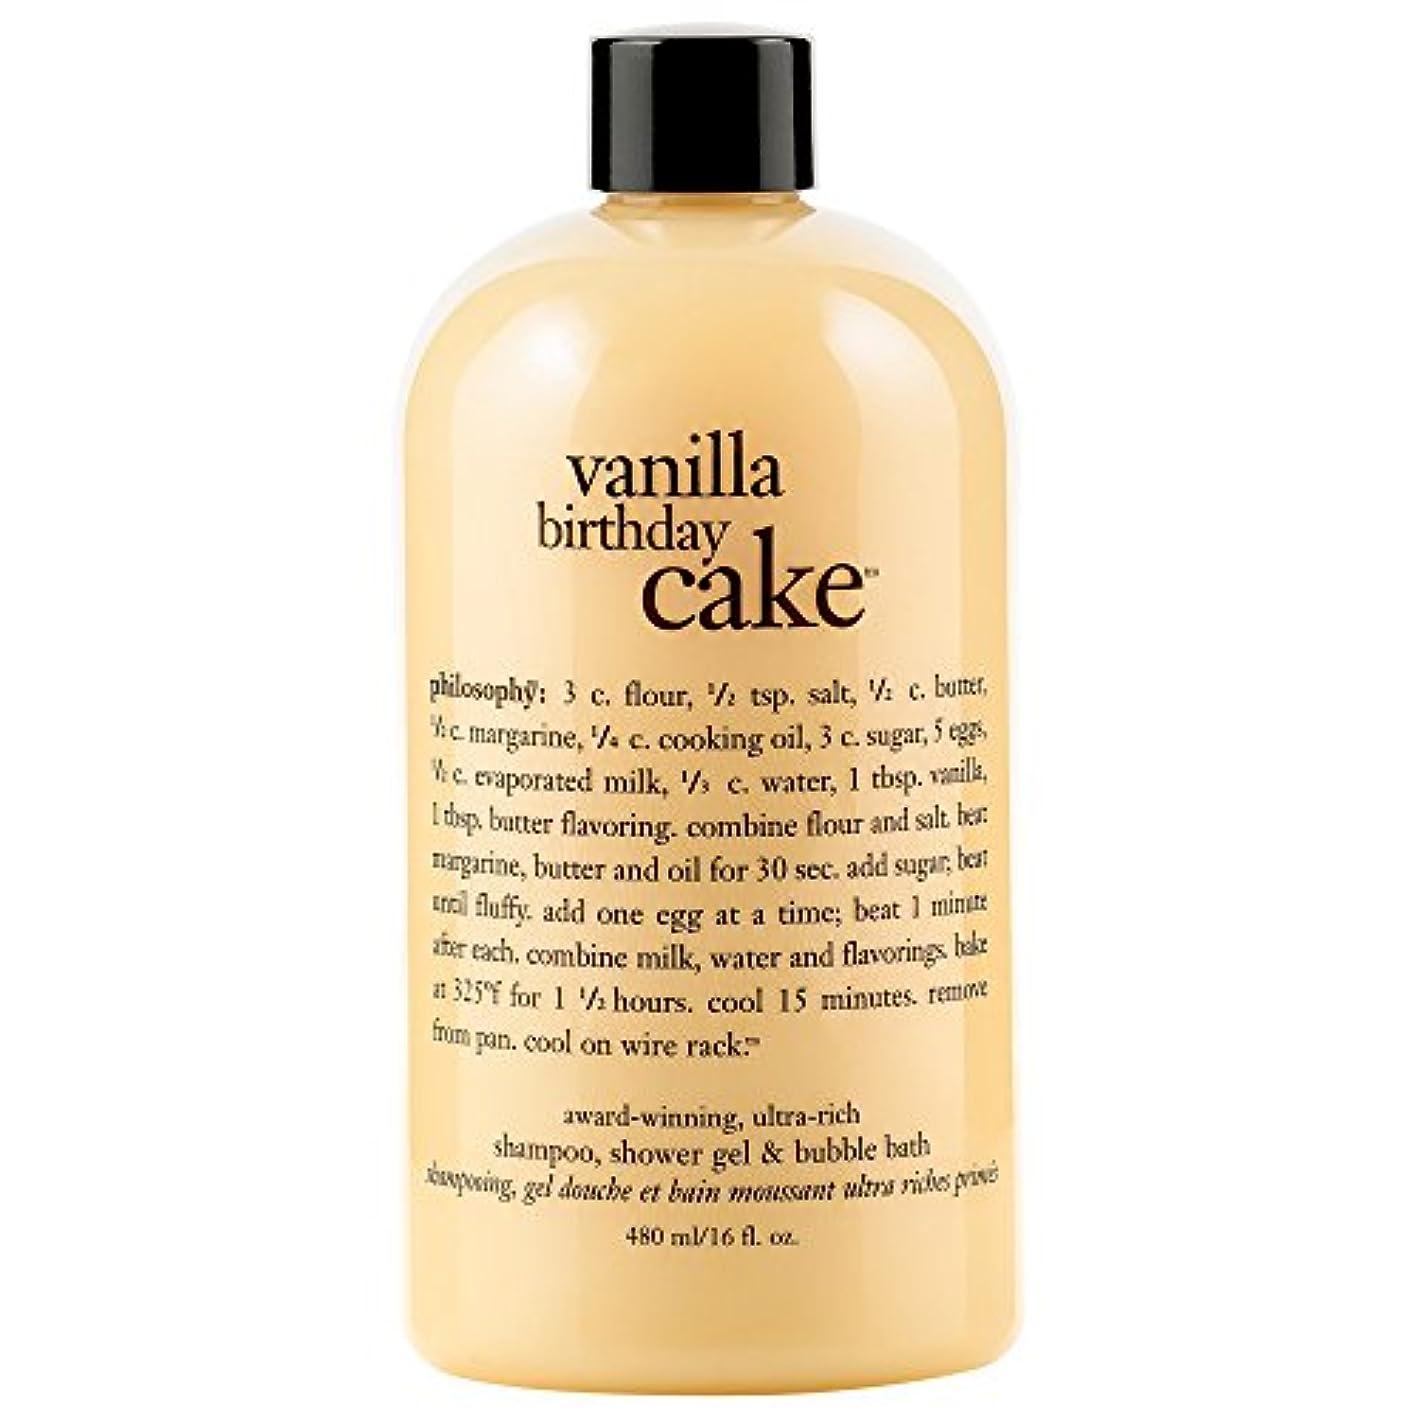 デクリメントモードリンバスルーム哲学バニラバースデーケーキシャンプー/シャワージェル/バブルバス480ミリリットル (Philosophy) - Philosophy Vanilla Birthday Cake Shampoo/Shower Gel/Bubble...